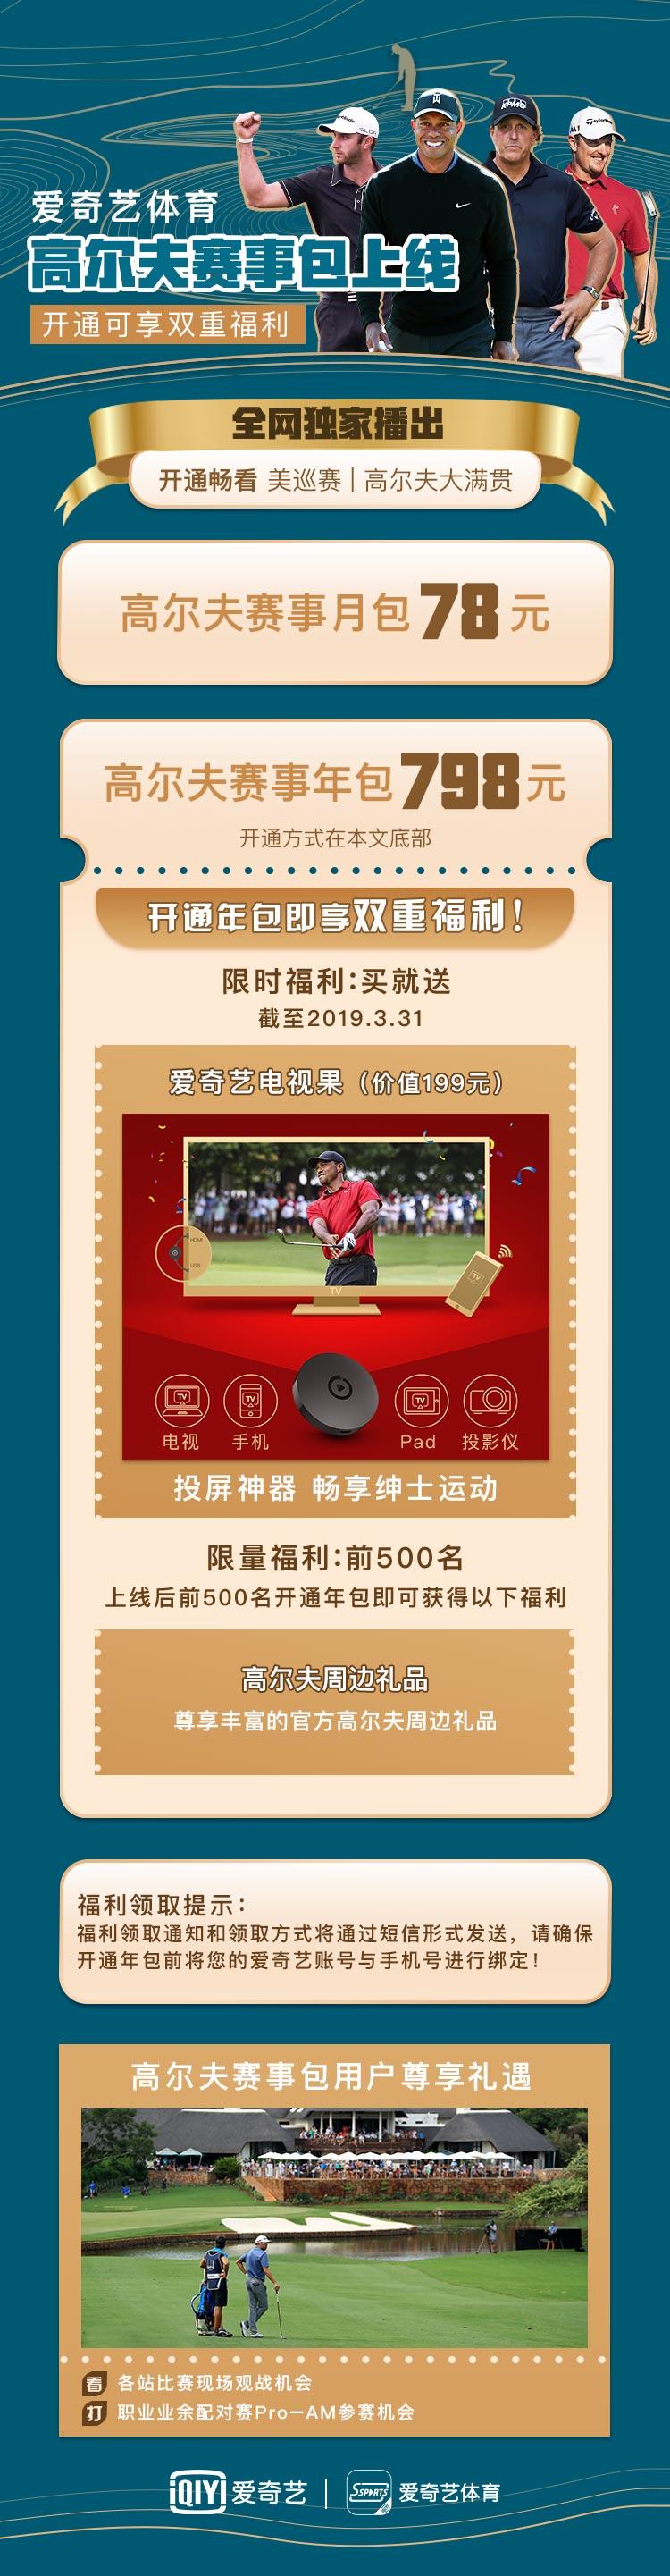 高爾夫1.jpg